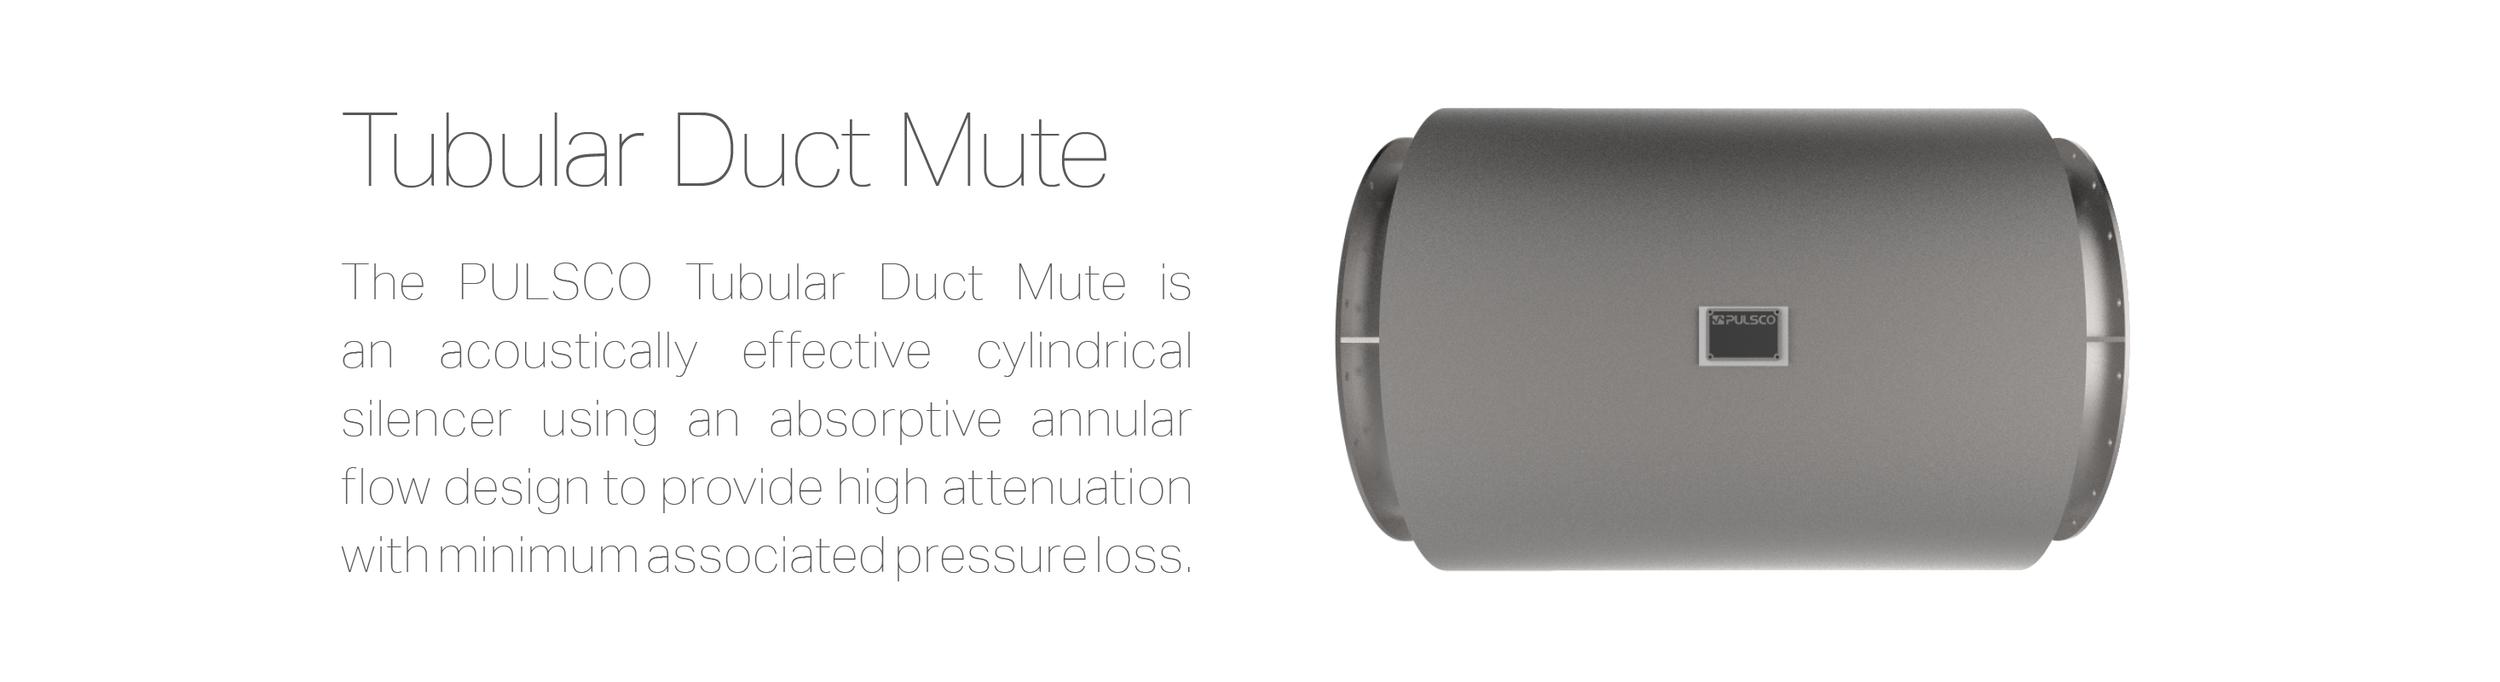 Tubular Duct Mute